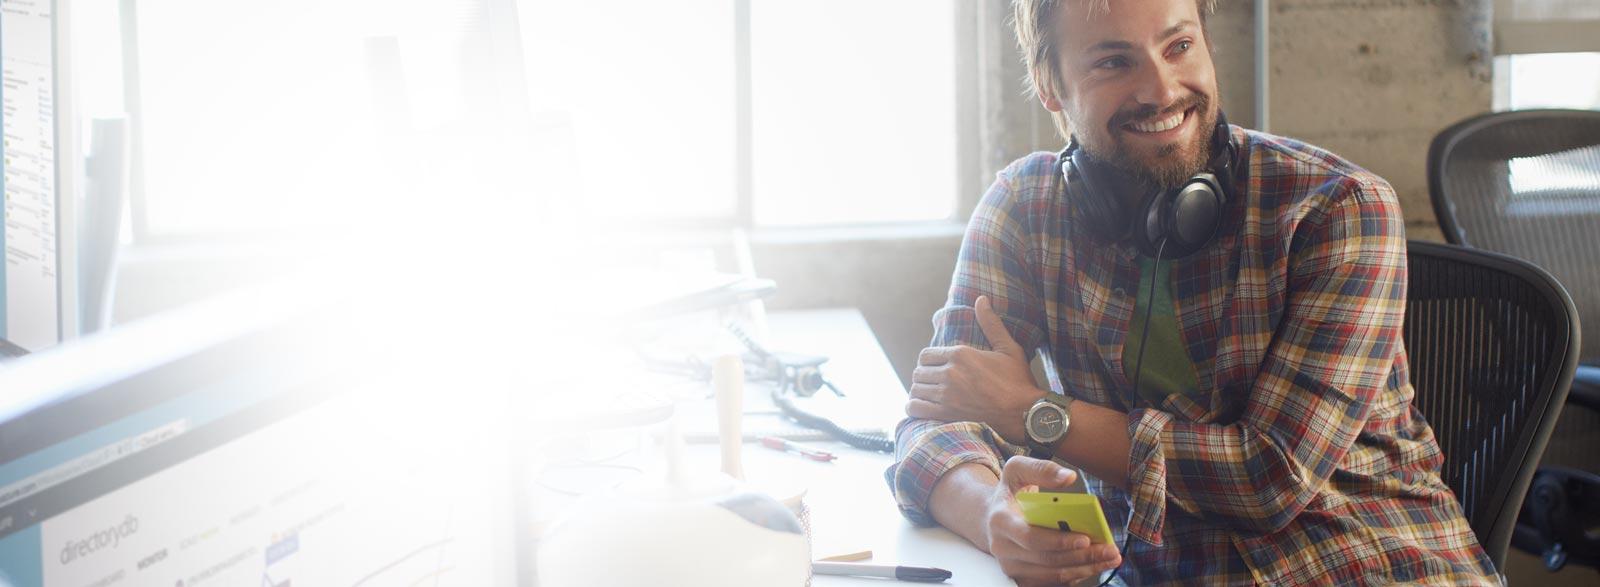 Az Office 365 Nagyvállalati E1 csomaggal beszerezheti a legújabb hatékonysági és együttműködési szolgáltatásokat.